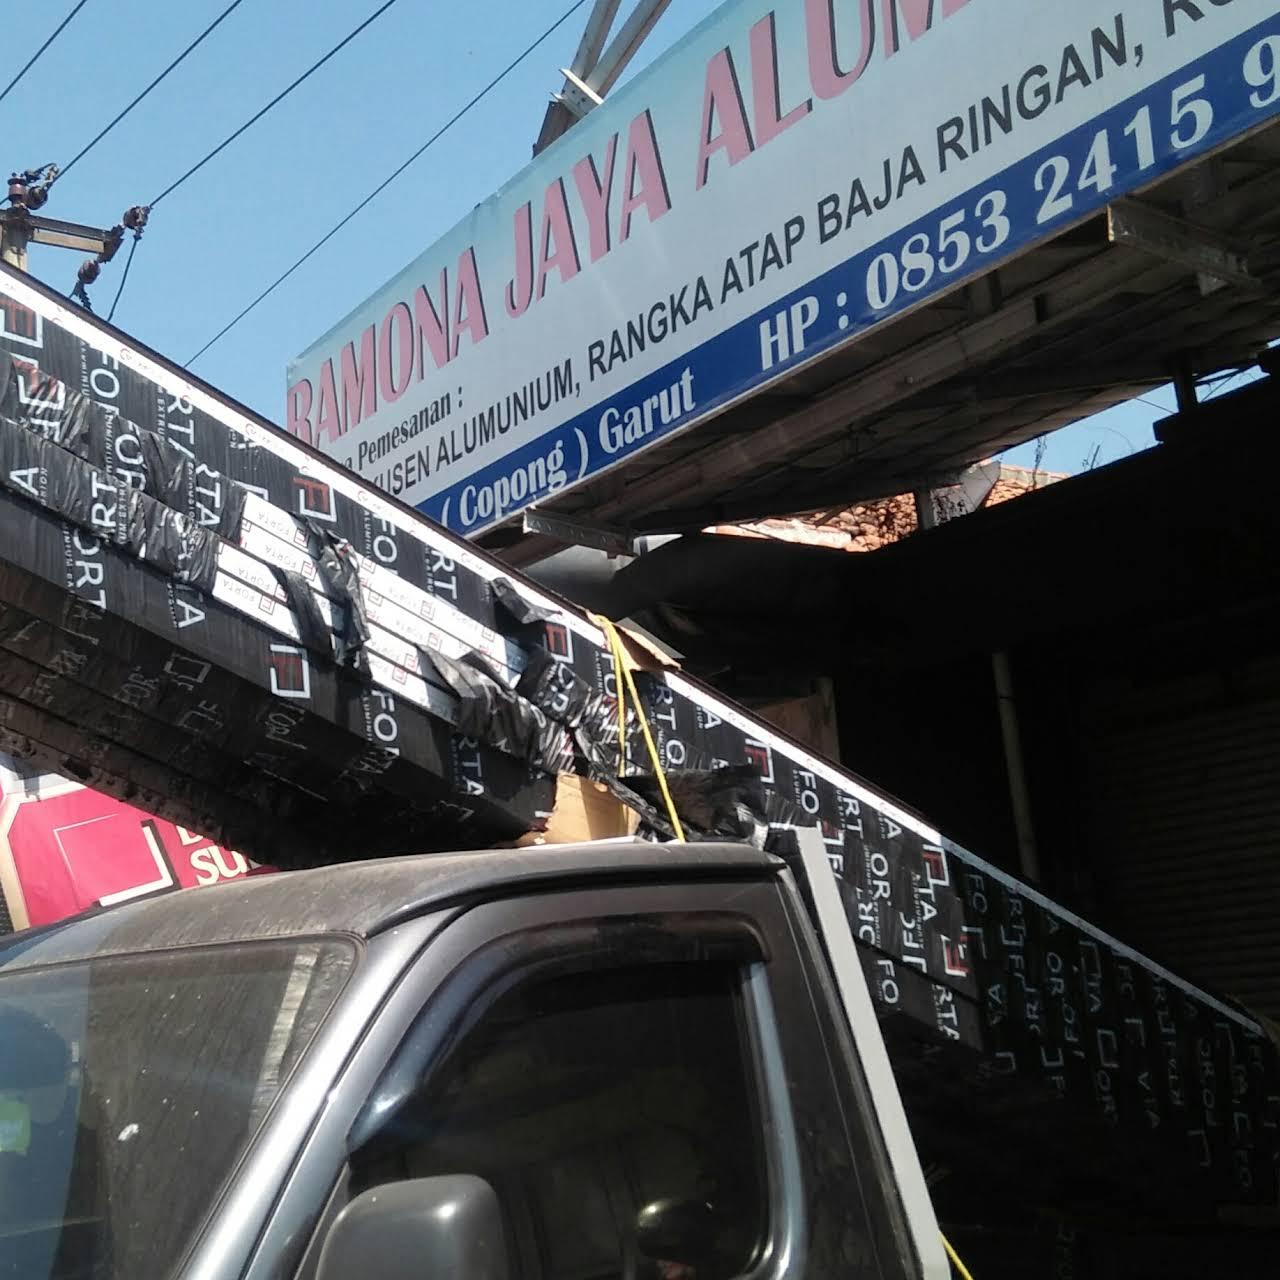 pasang baja ringan garut ramona jaya aluminium menerima pemasangan atap